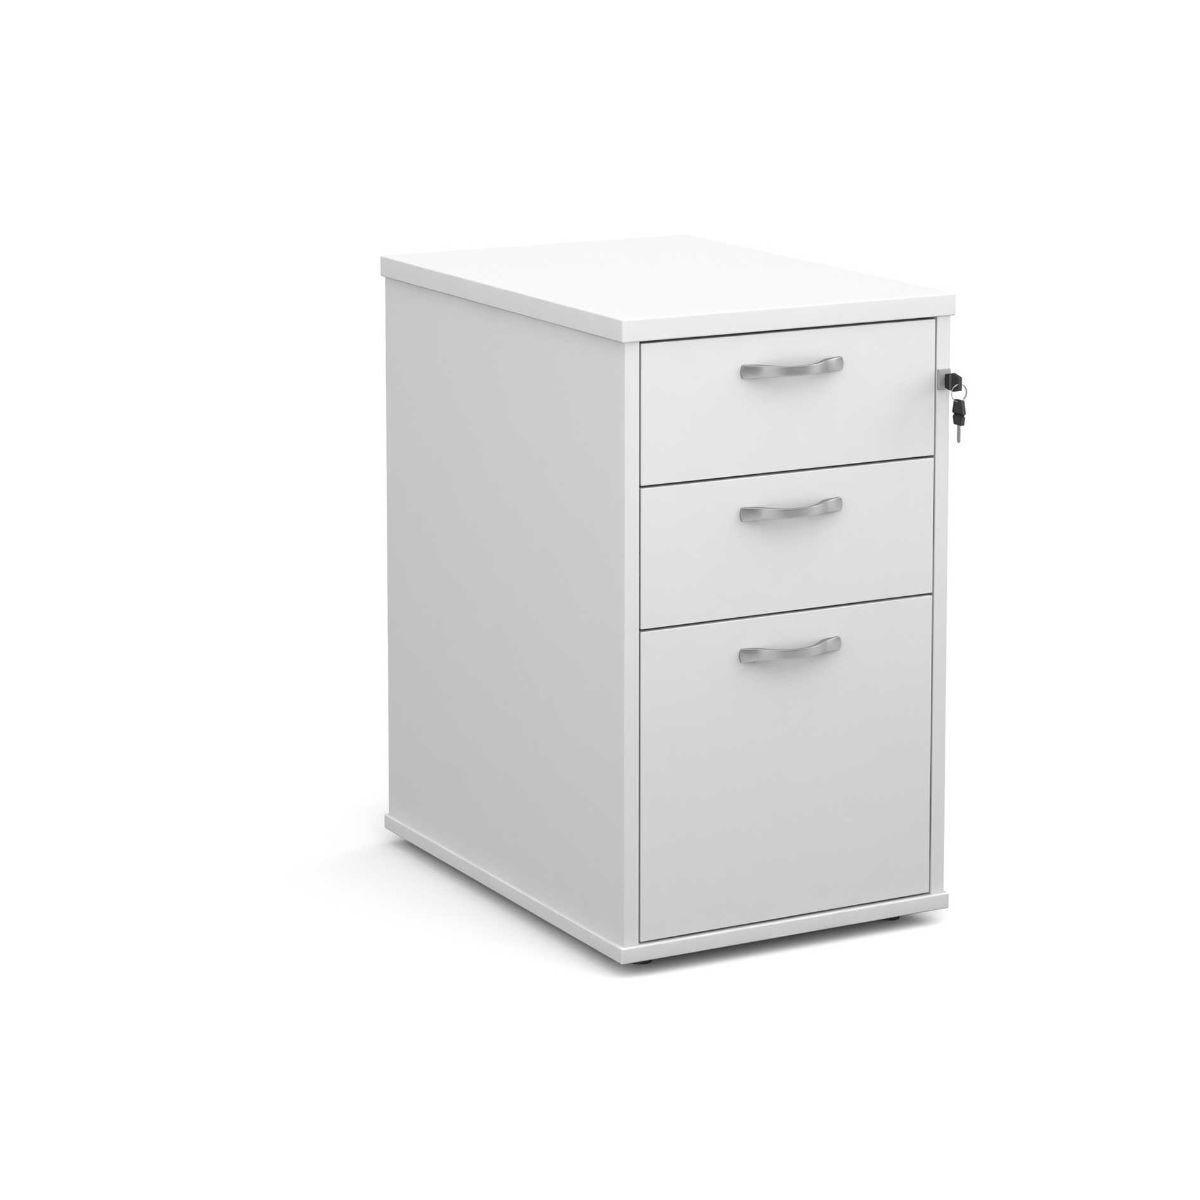 Desk High 3 Drawer Pedestal 600mm White